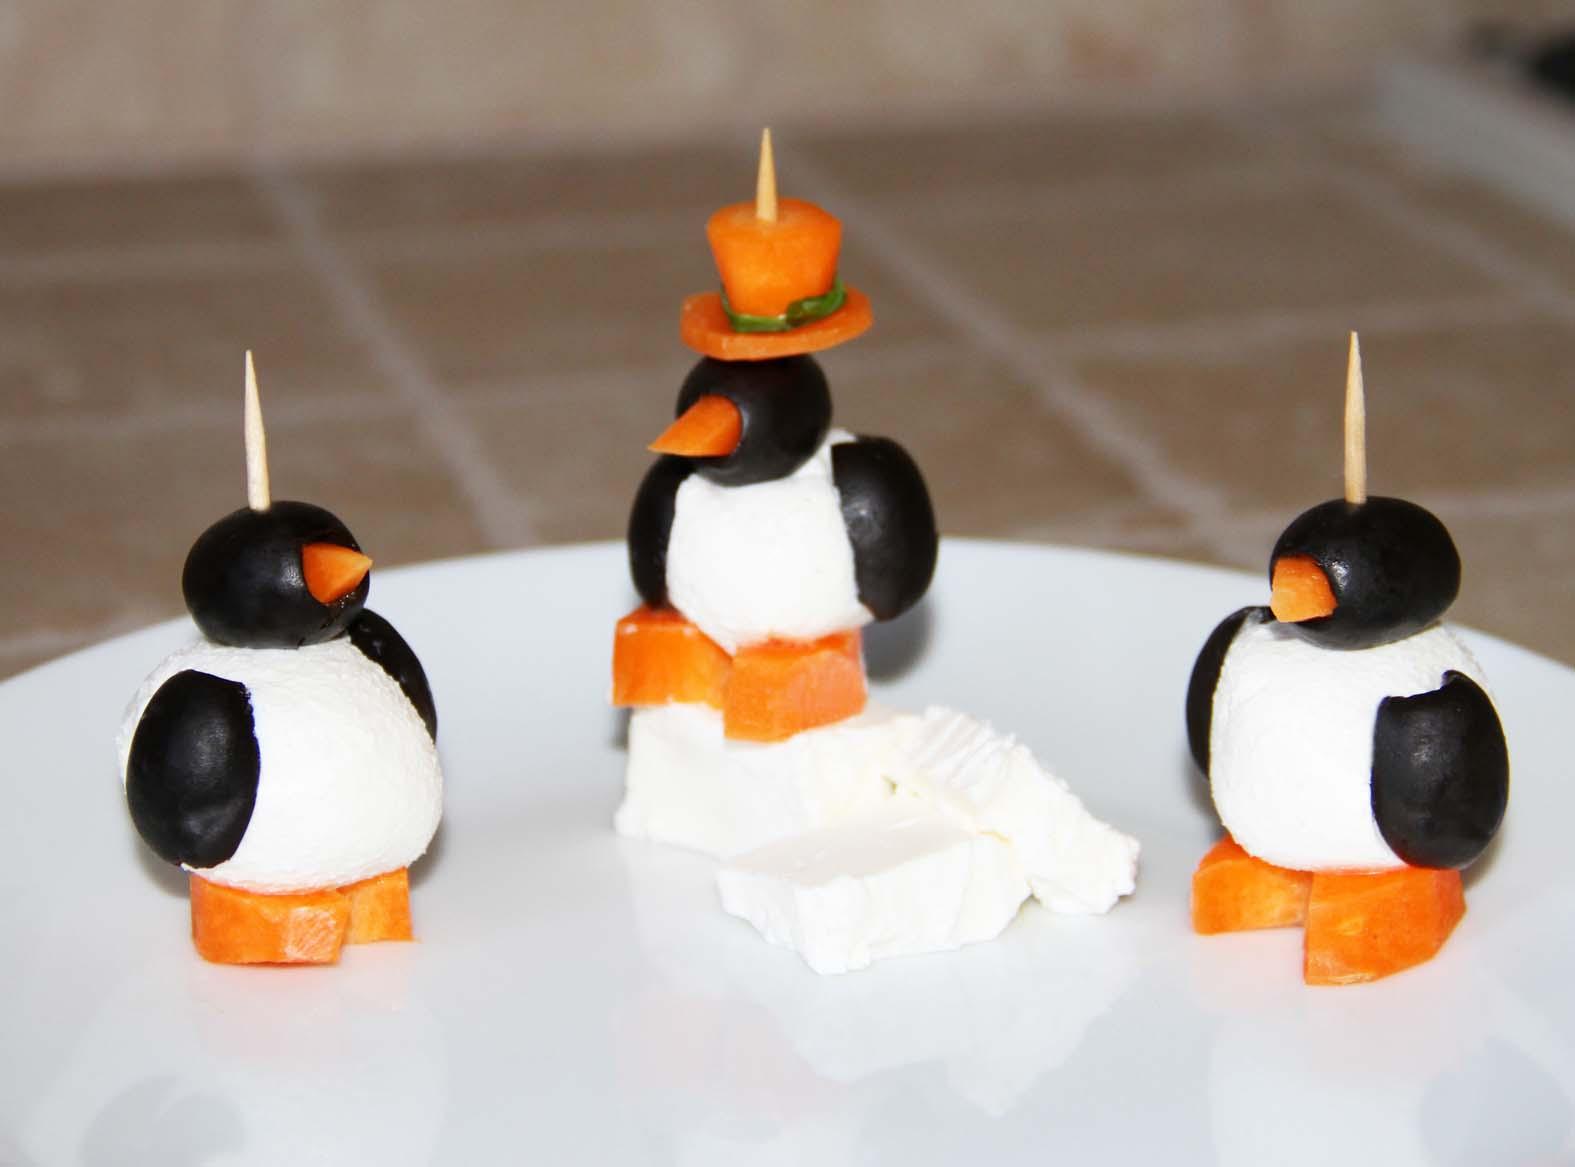 Pinguini antipastini ricette creative estive e - Pinguini di natale immagini ...